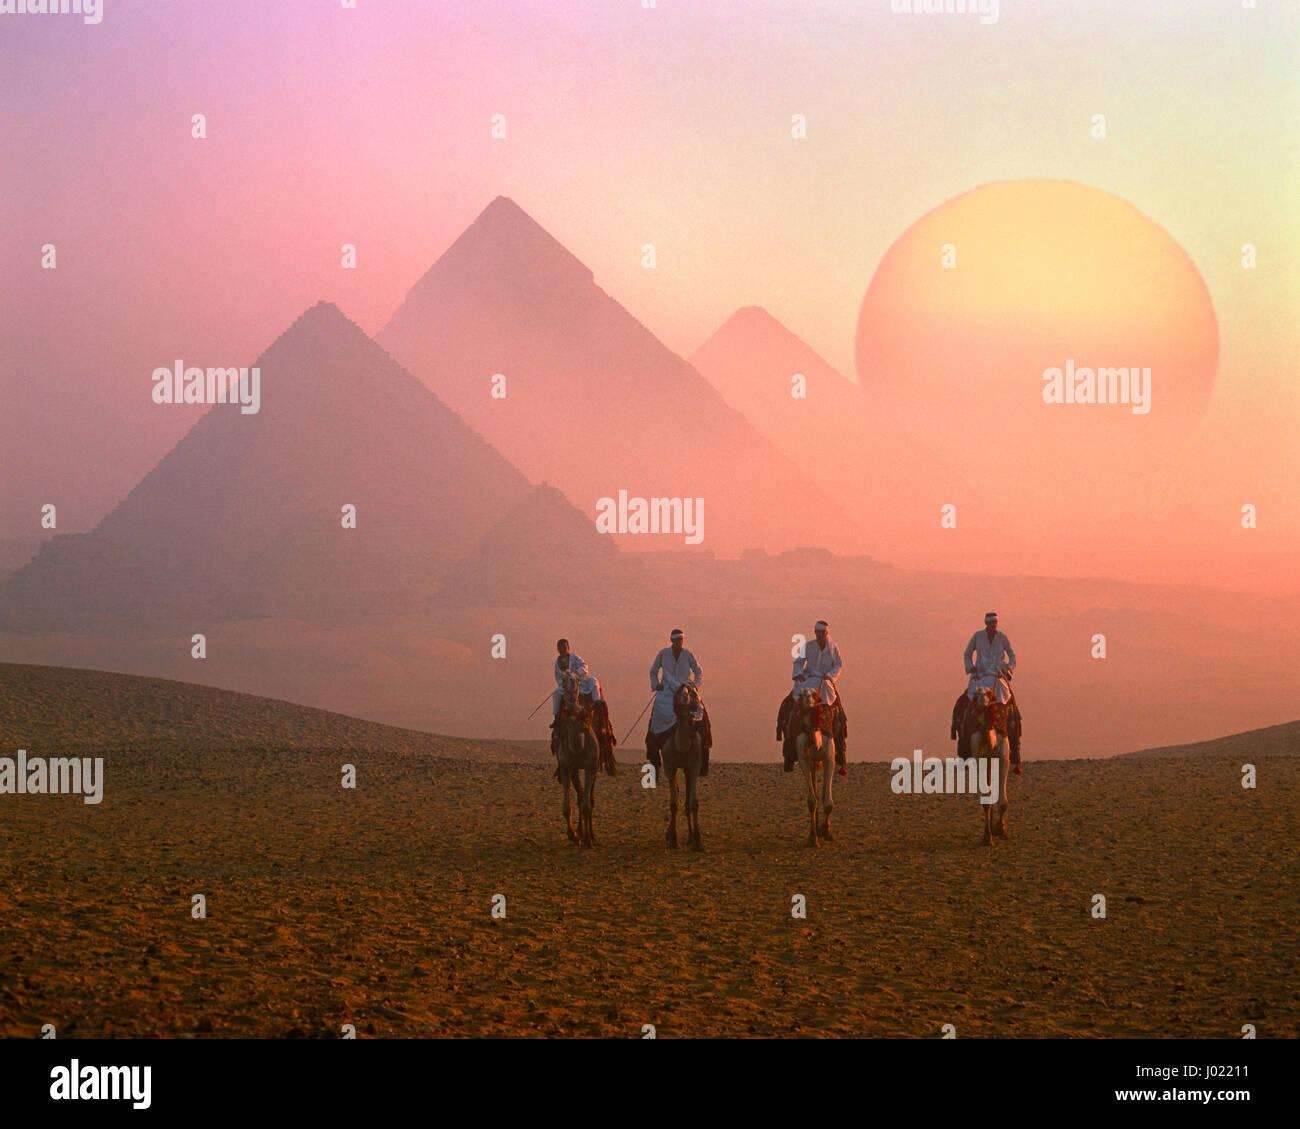 Cuatro Jinetes de Camellos, las pirámides y el sol naciente, en Giza, Cairo, Egipto Imagen De Stock